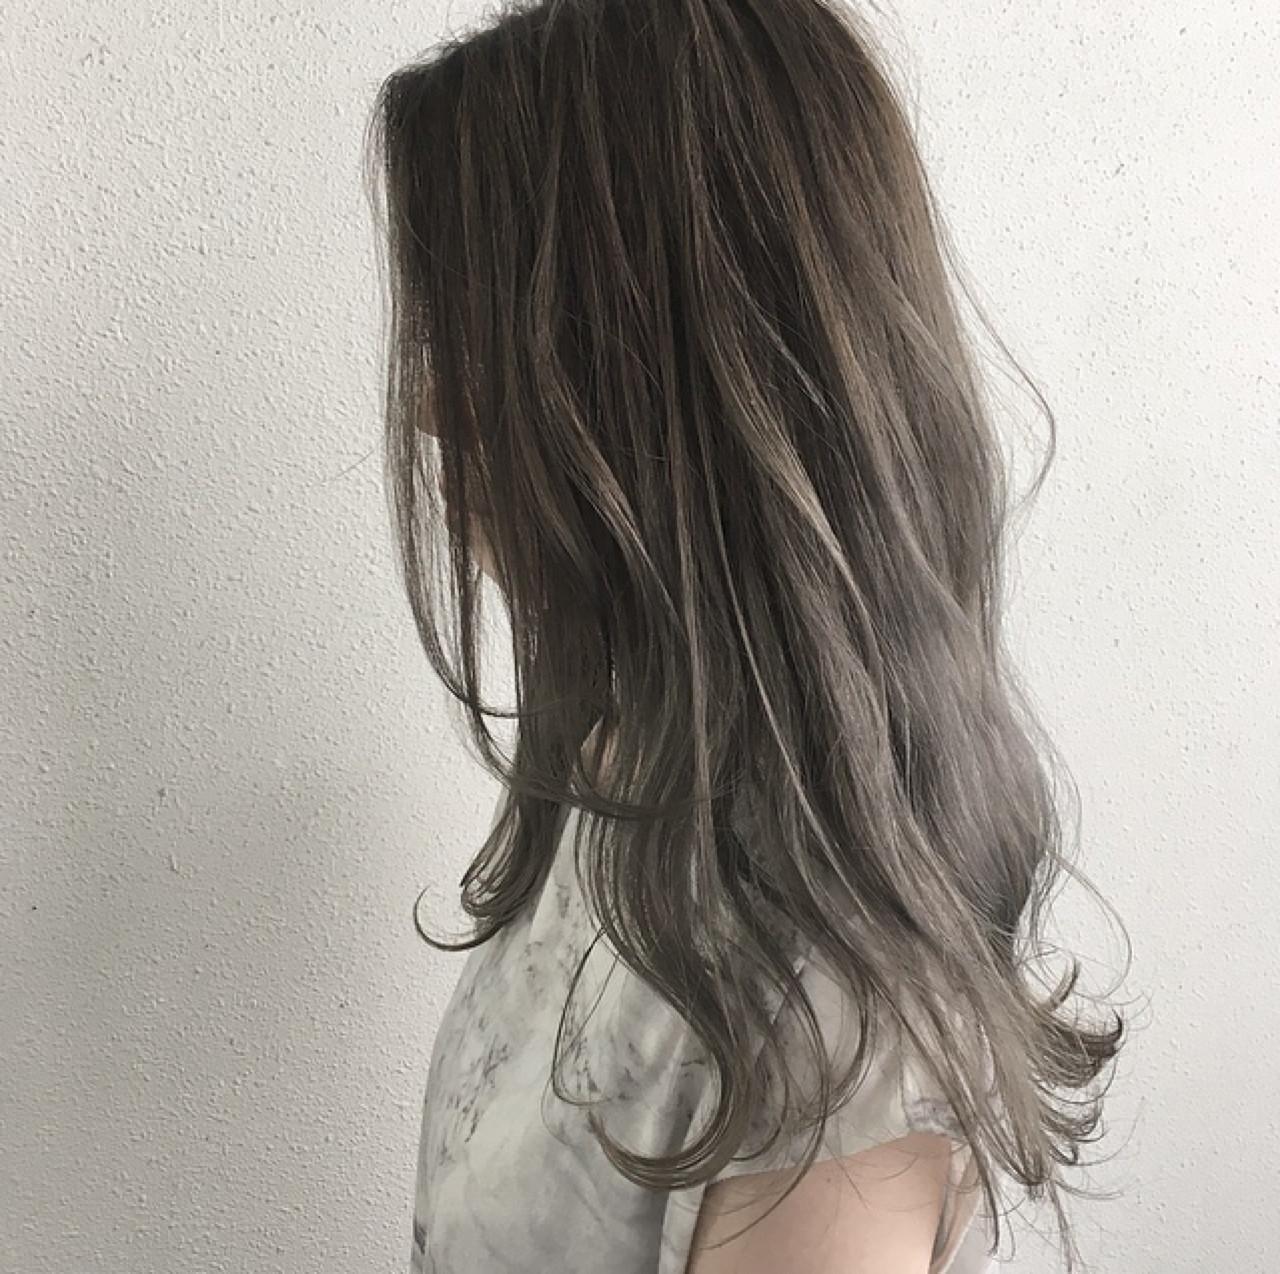 ハイライト グレージュ ロング ブリーチ ヘアスタイルや髪型の写真・画像